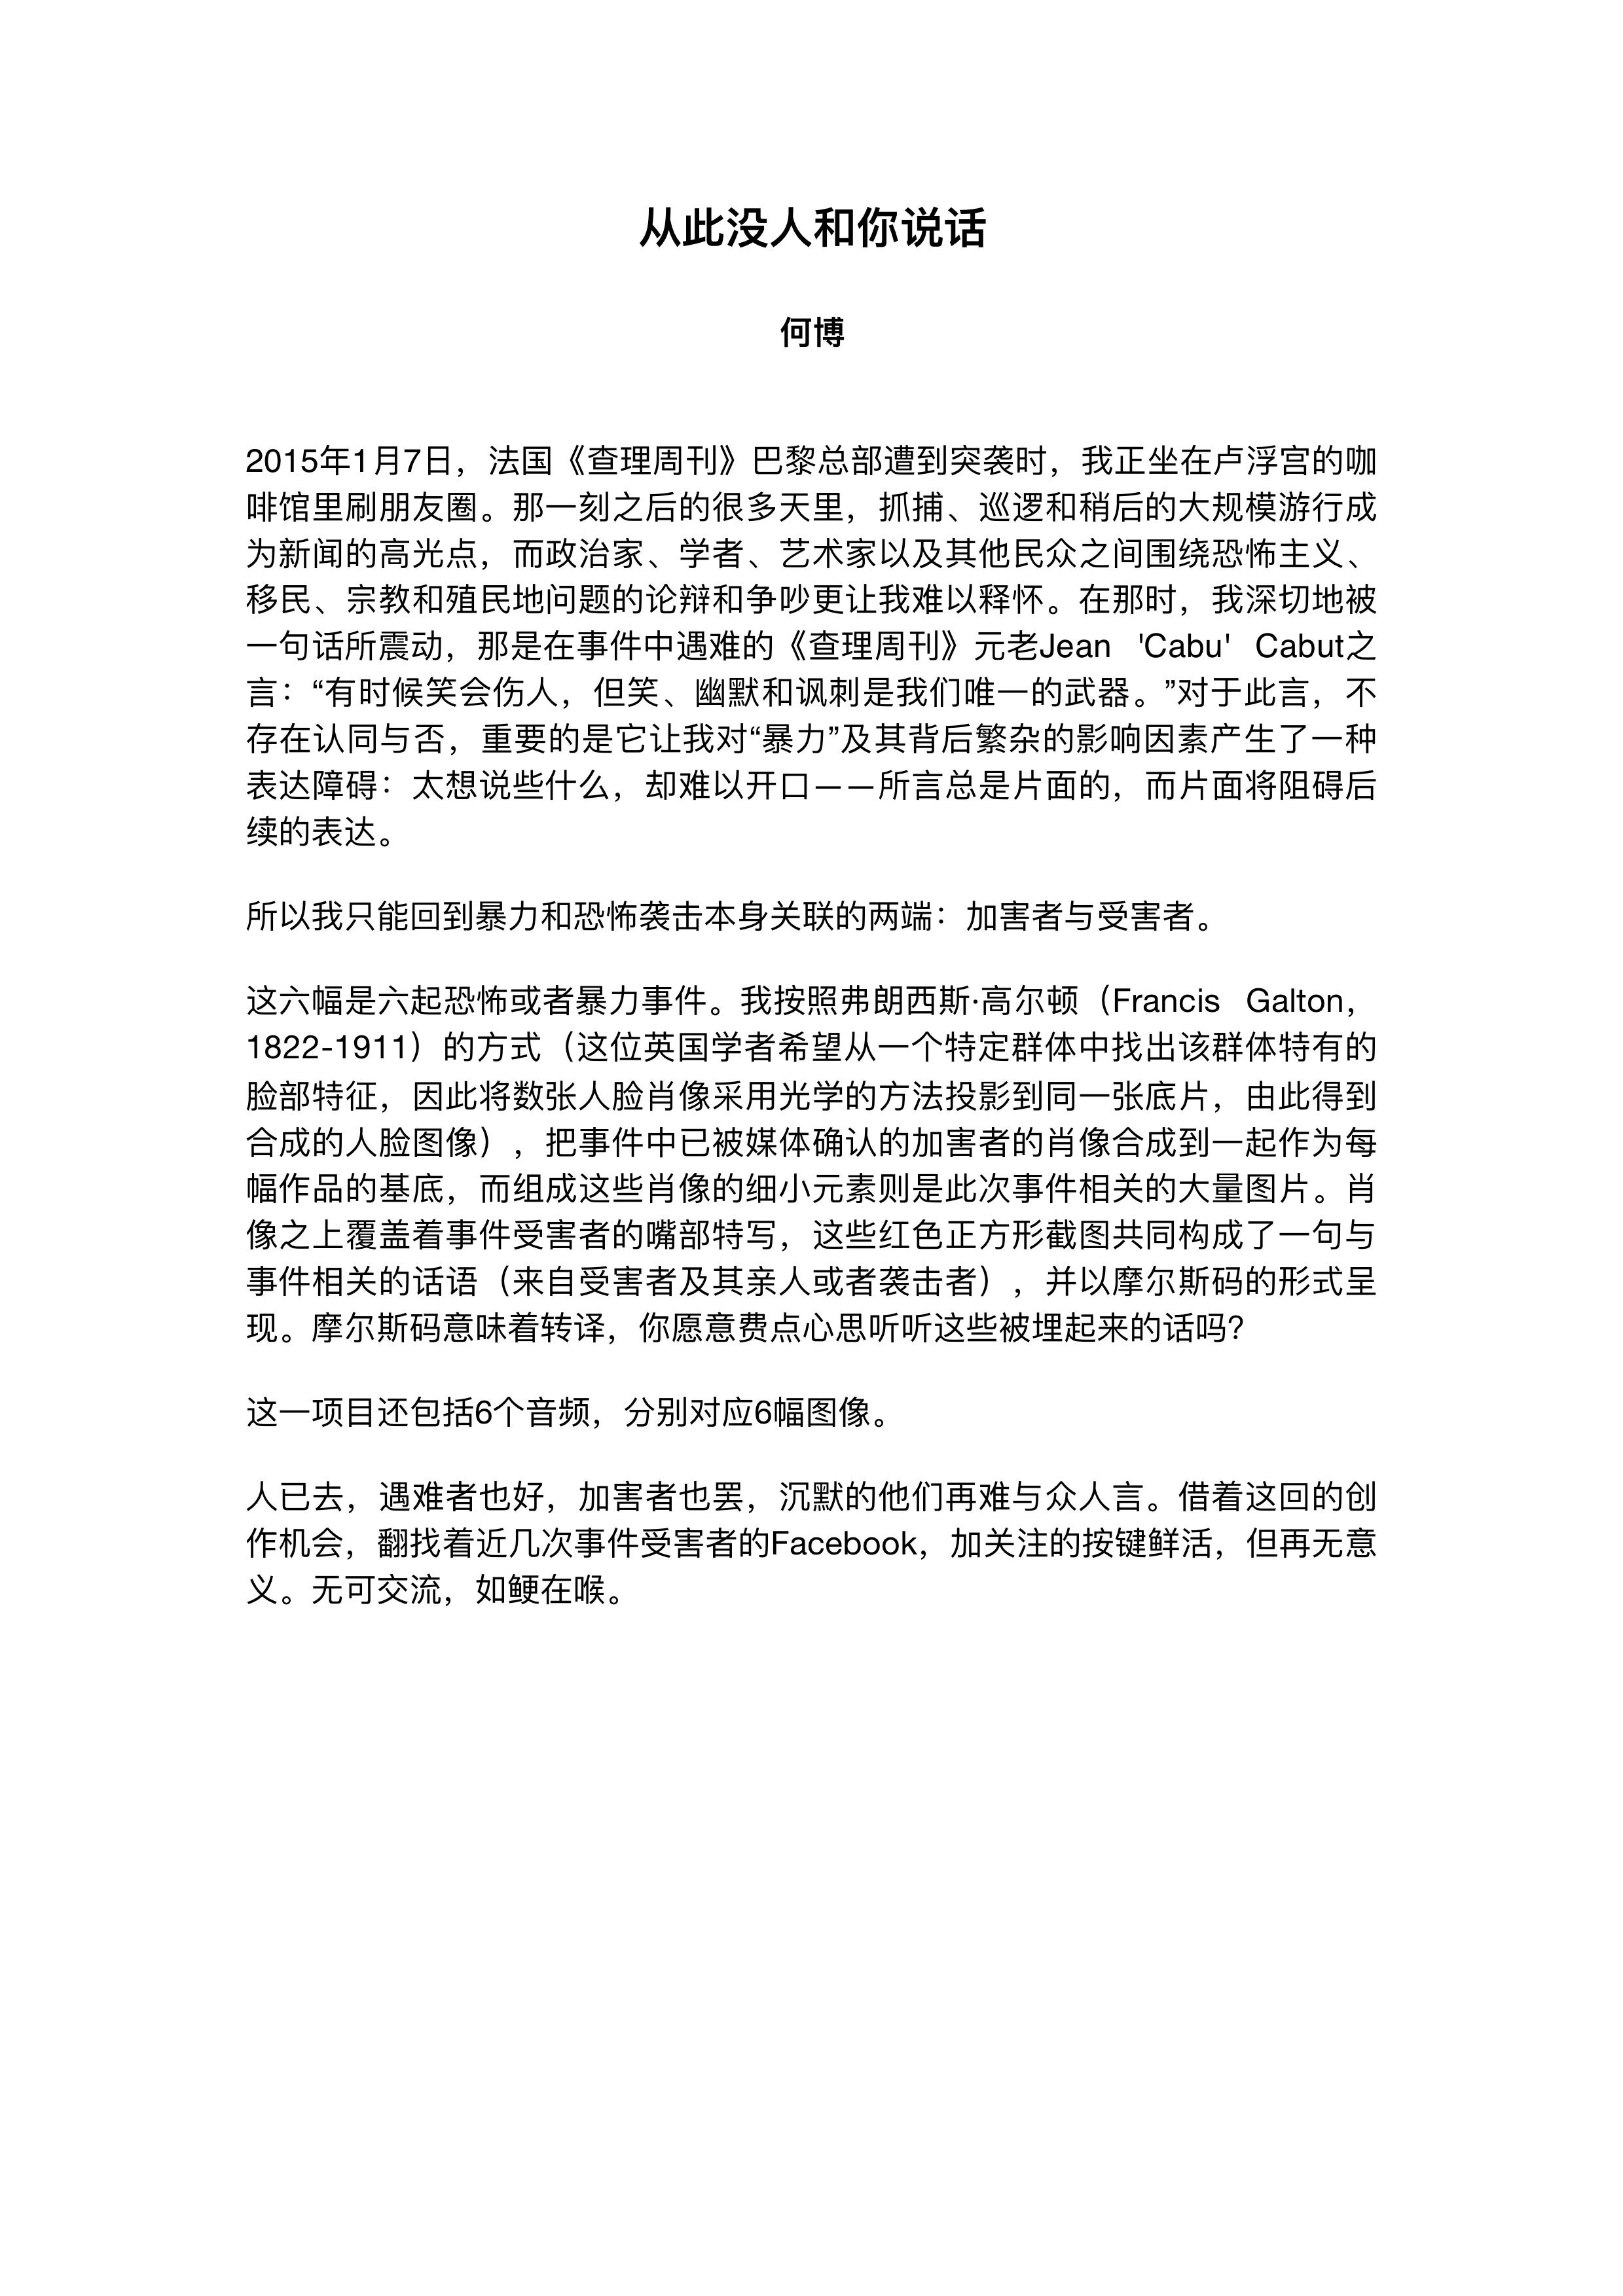 (4)《从此没人和你说话》阐述中英文完整版.jpg